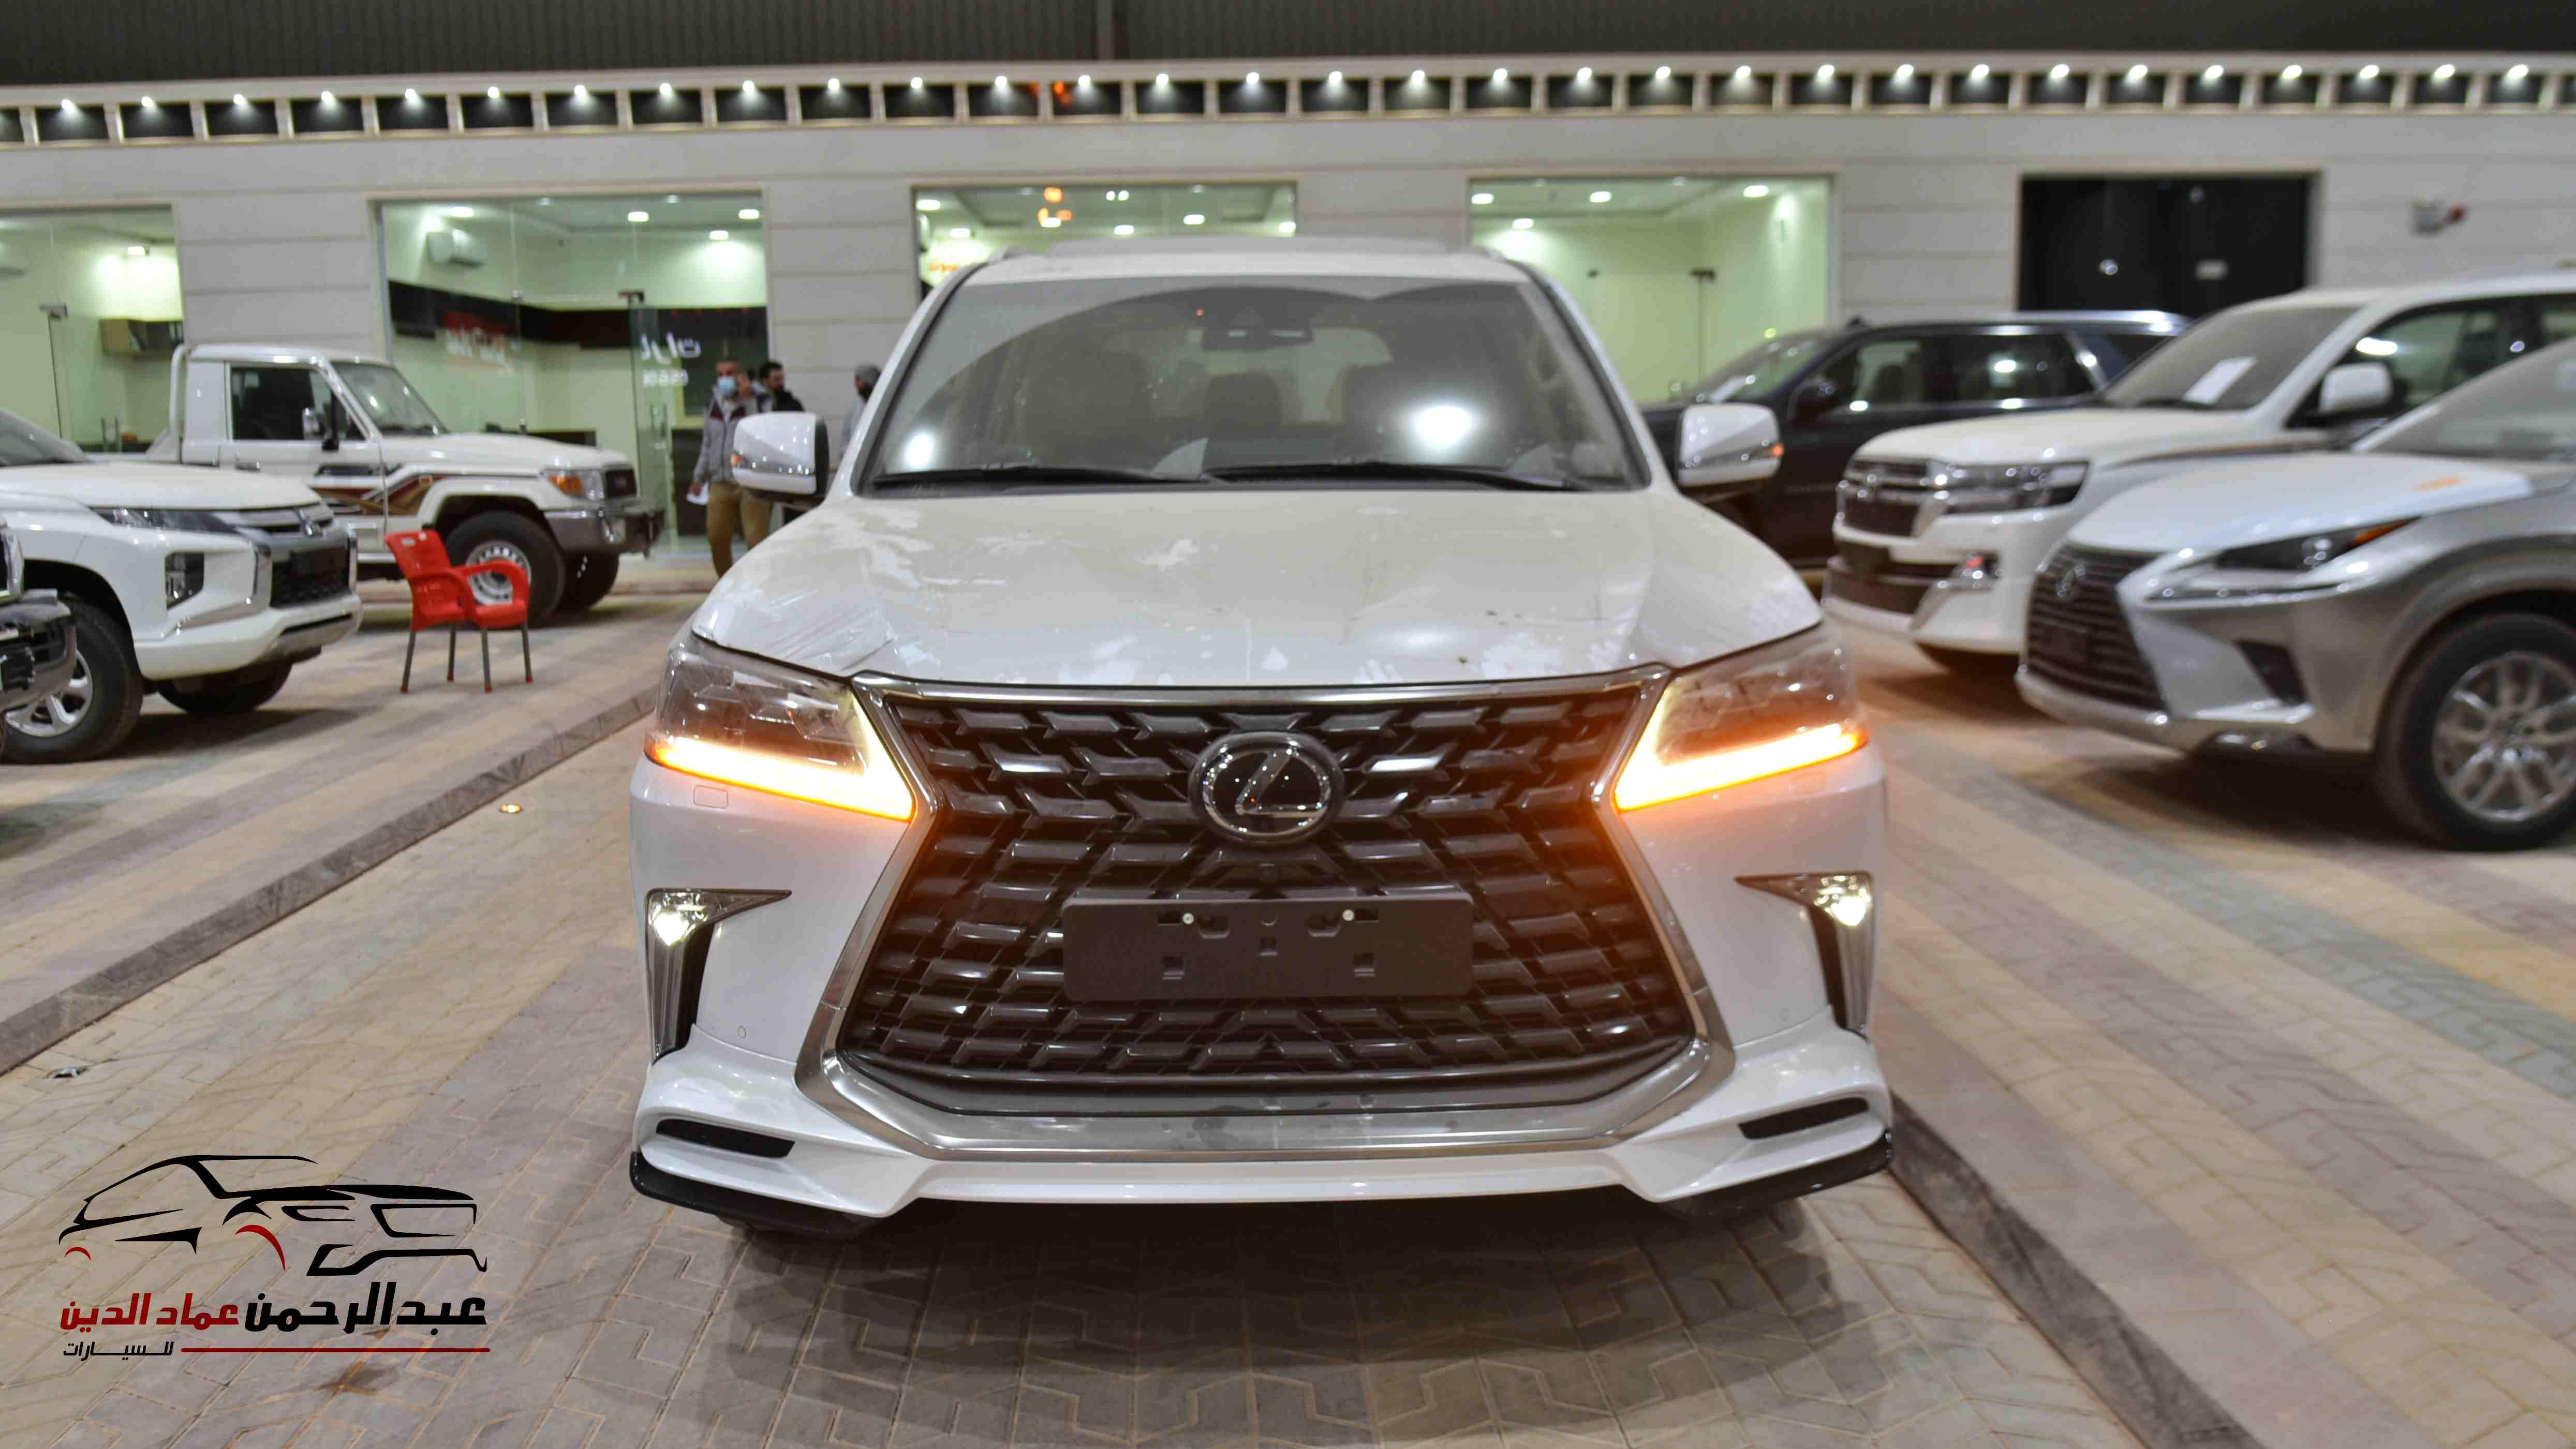 لكزس 2021   LX 570 فئة S S ابواب شفط  بريمي آخر دفعة  للبيع في الرياض - السعودية - صورة كبيرة - 3